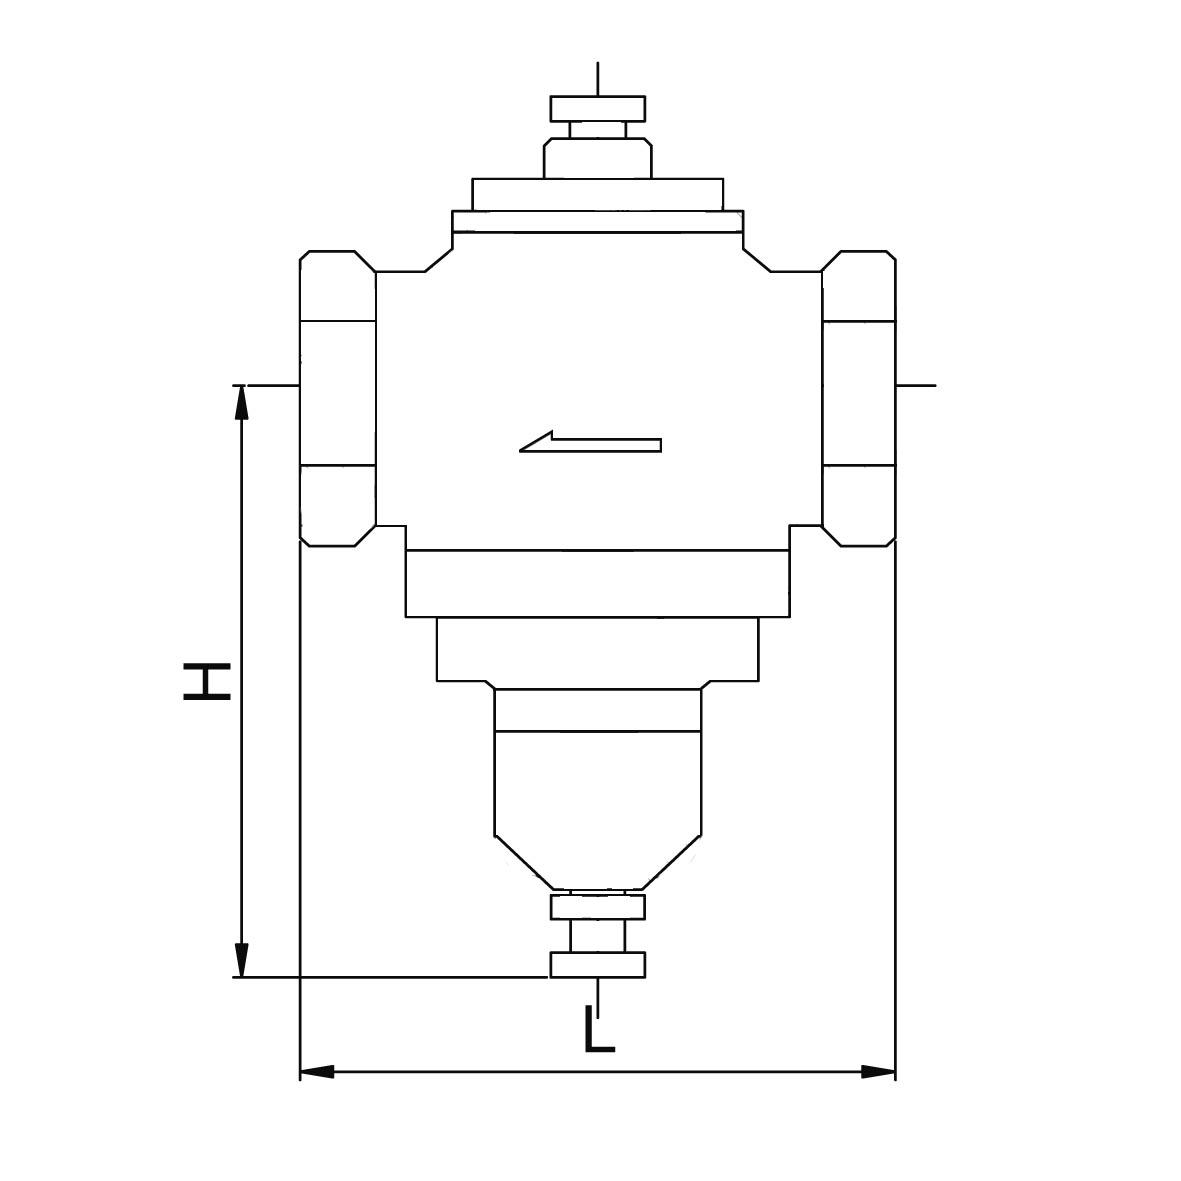 2230 Screw blueprint